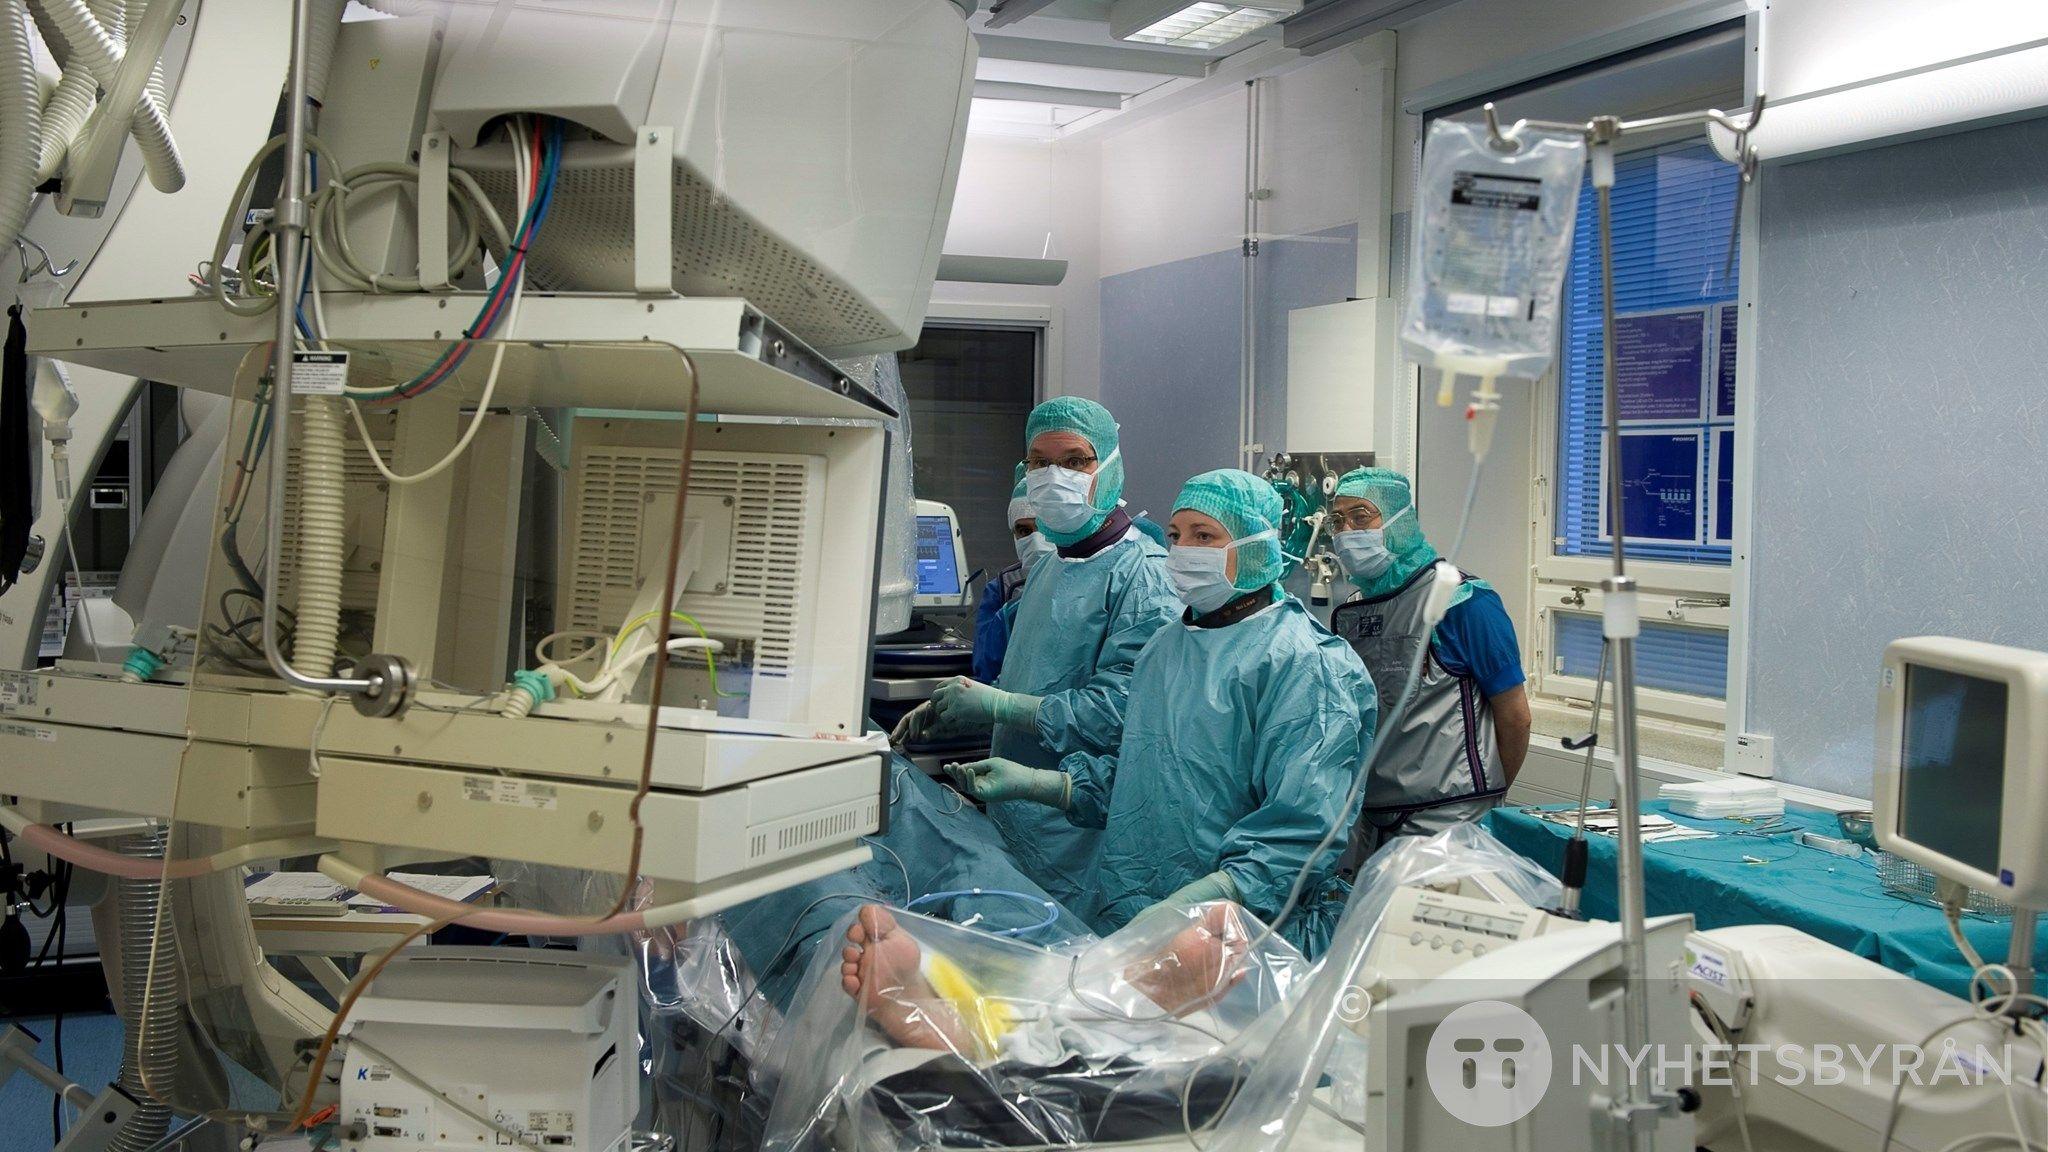 Helt nya EU-regler harträtt i kraft för medicinteknik, som handlar om alla produkter med ett medicinskt syfte men som inte ärläkemedel.